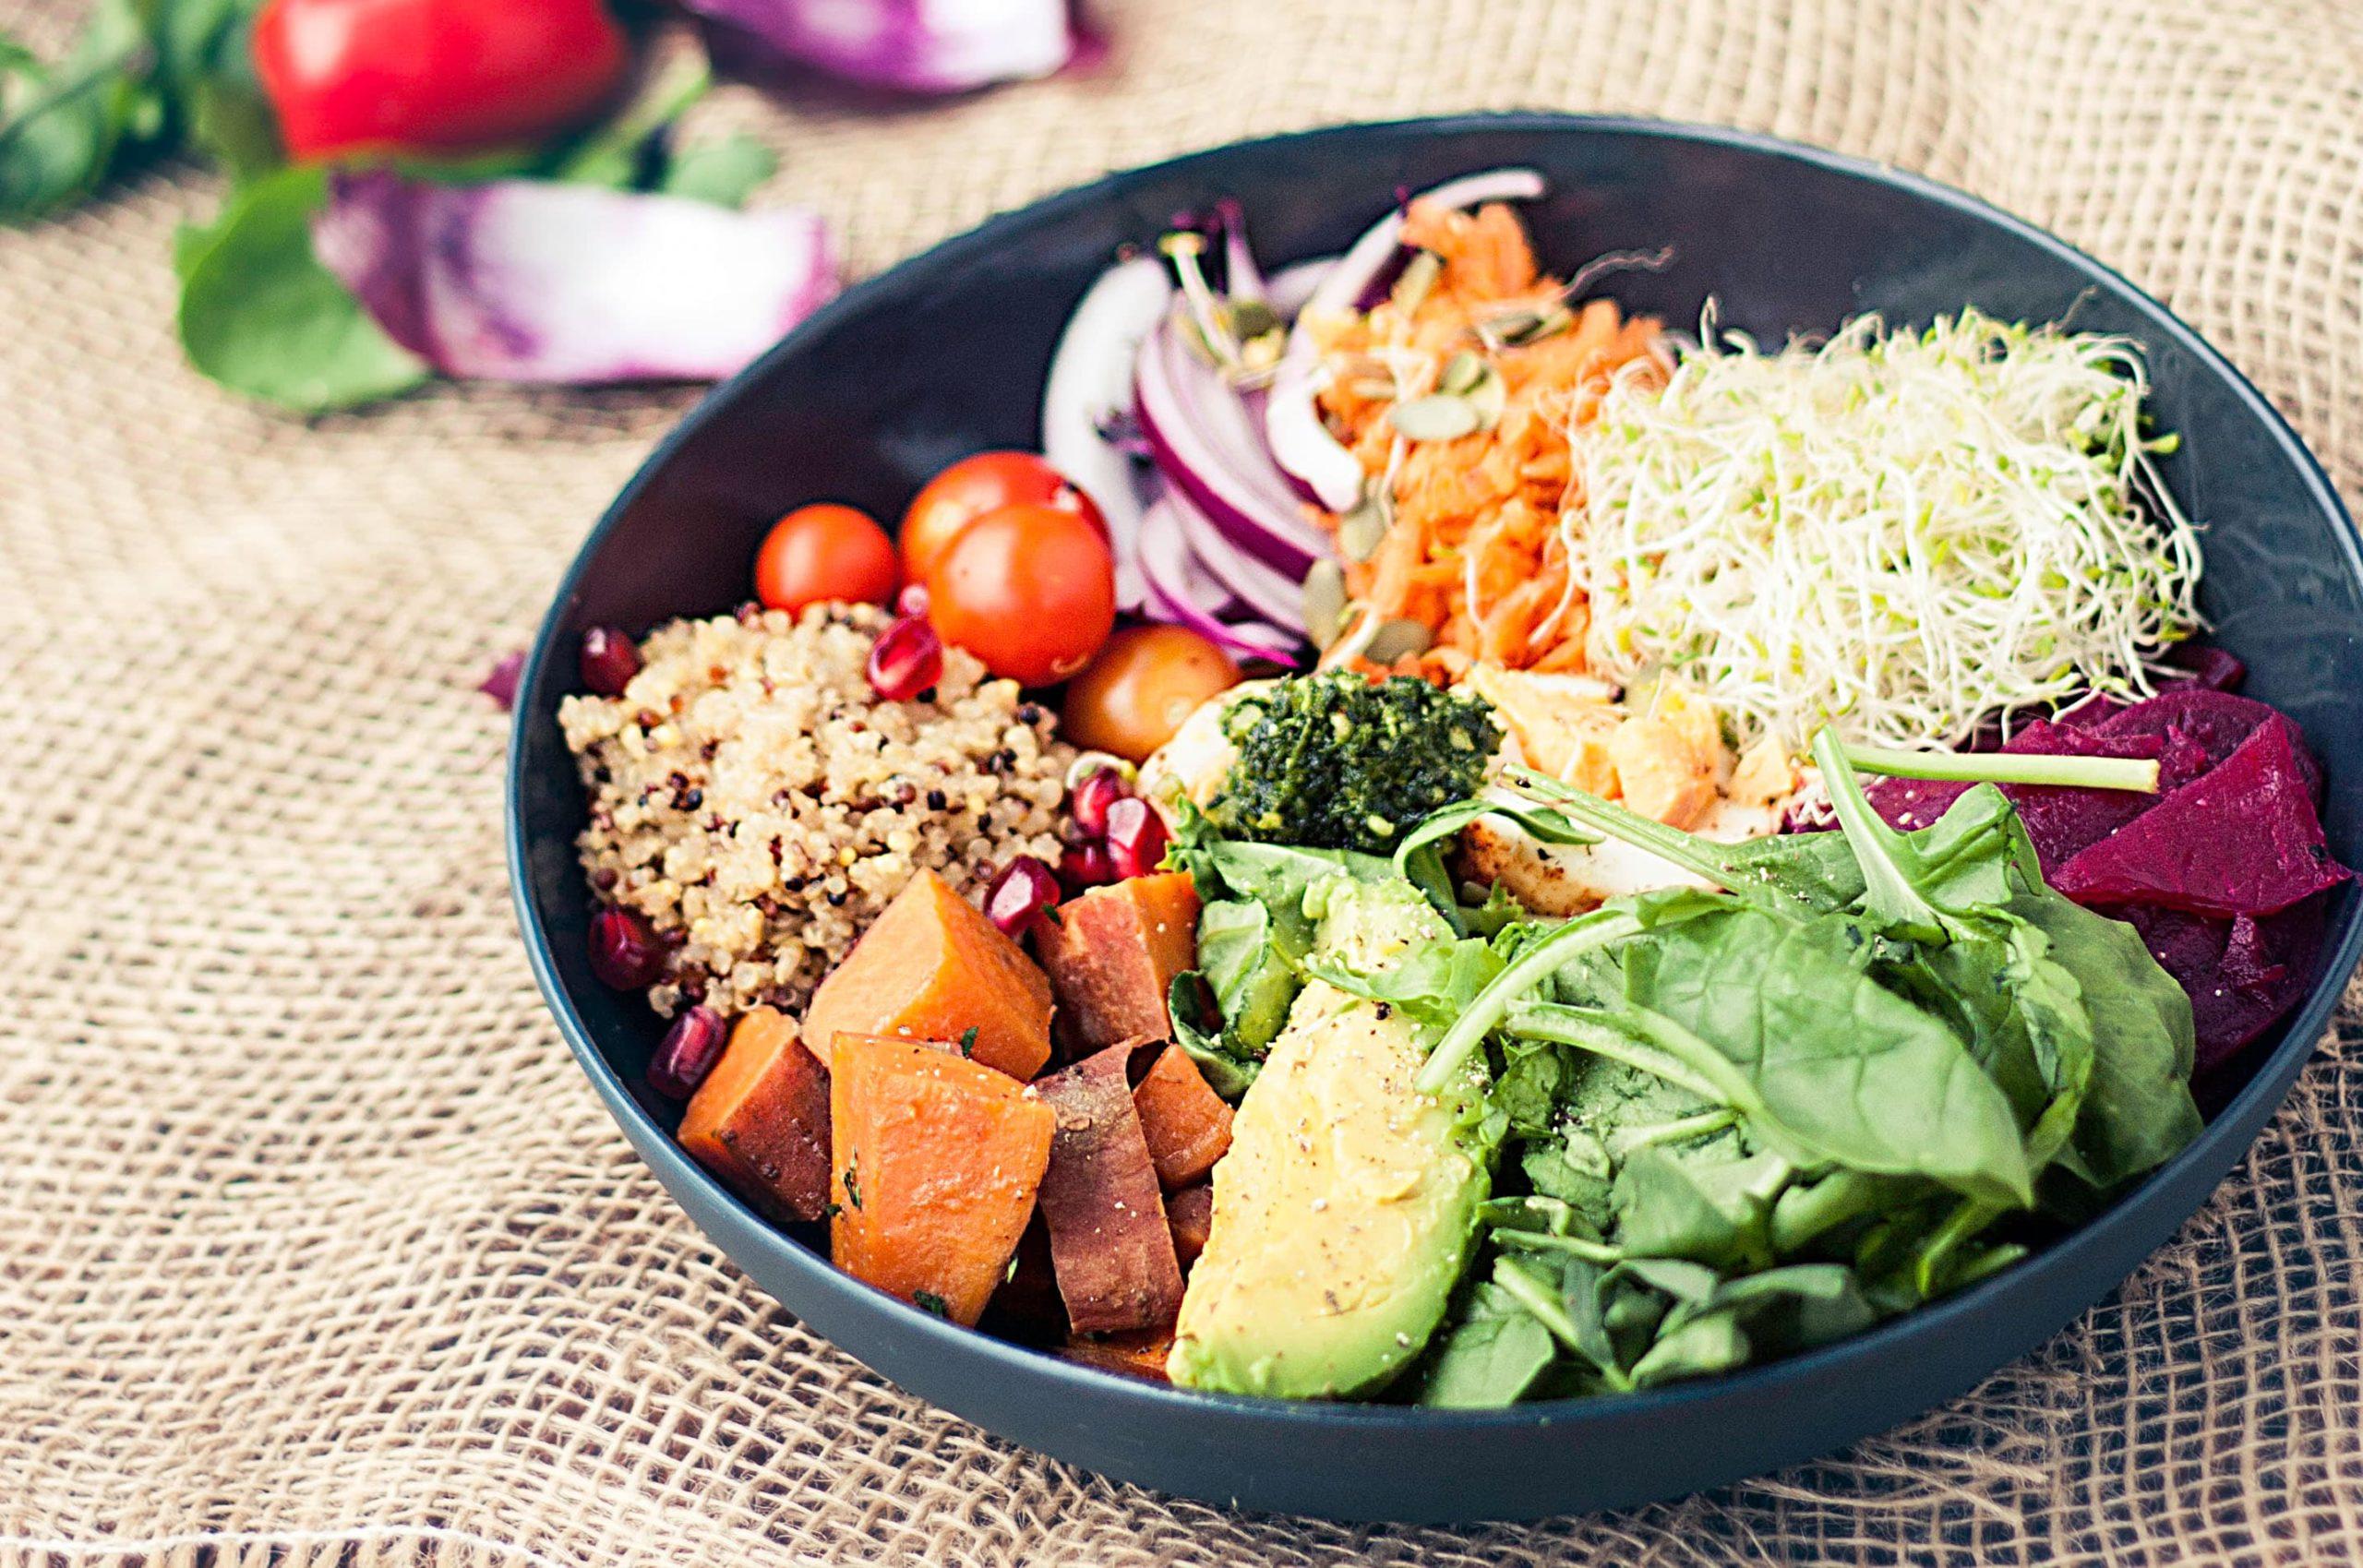 healthy-eating-effortless